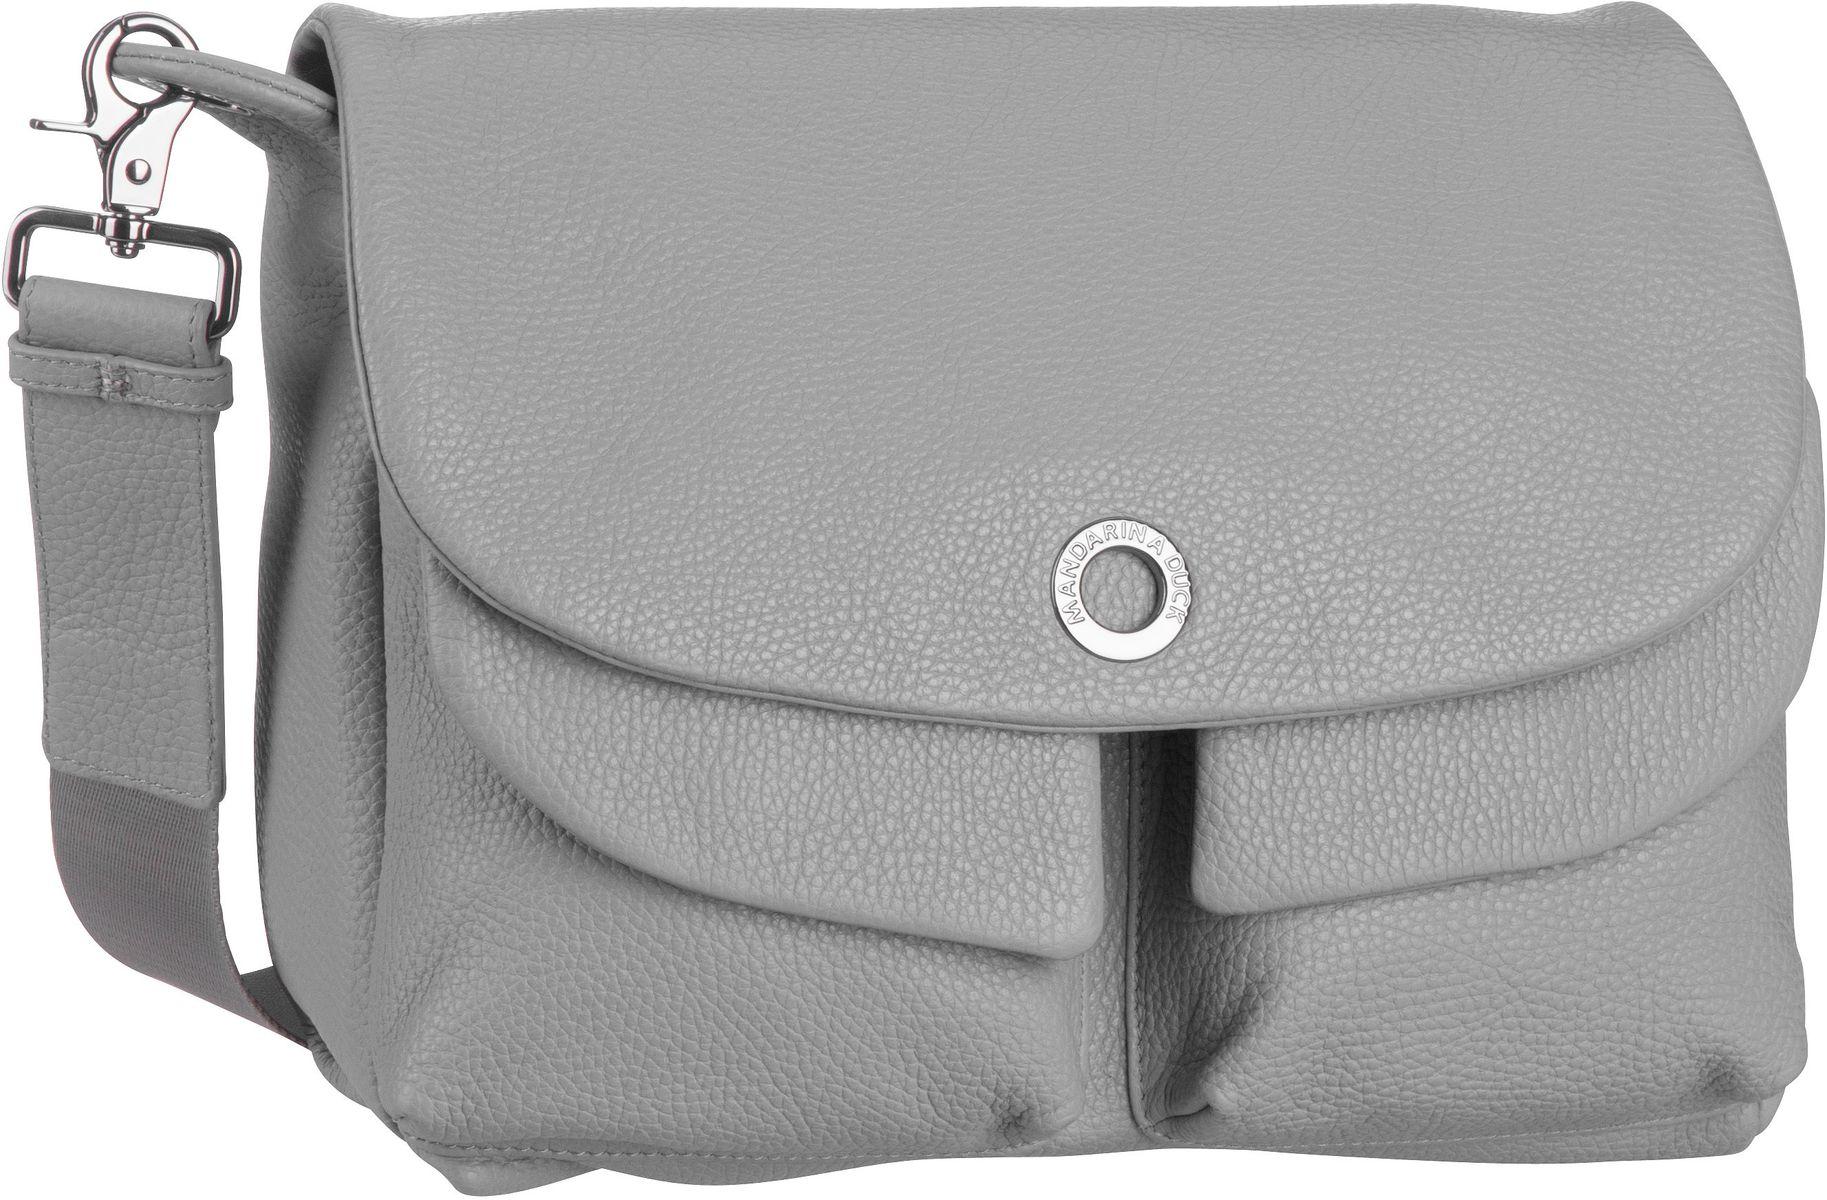 Umhängetasche Mellow Leather Shoulder Bag FZT23 Aluminium